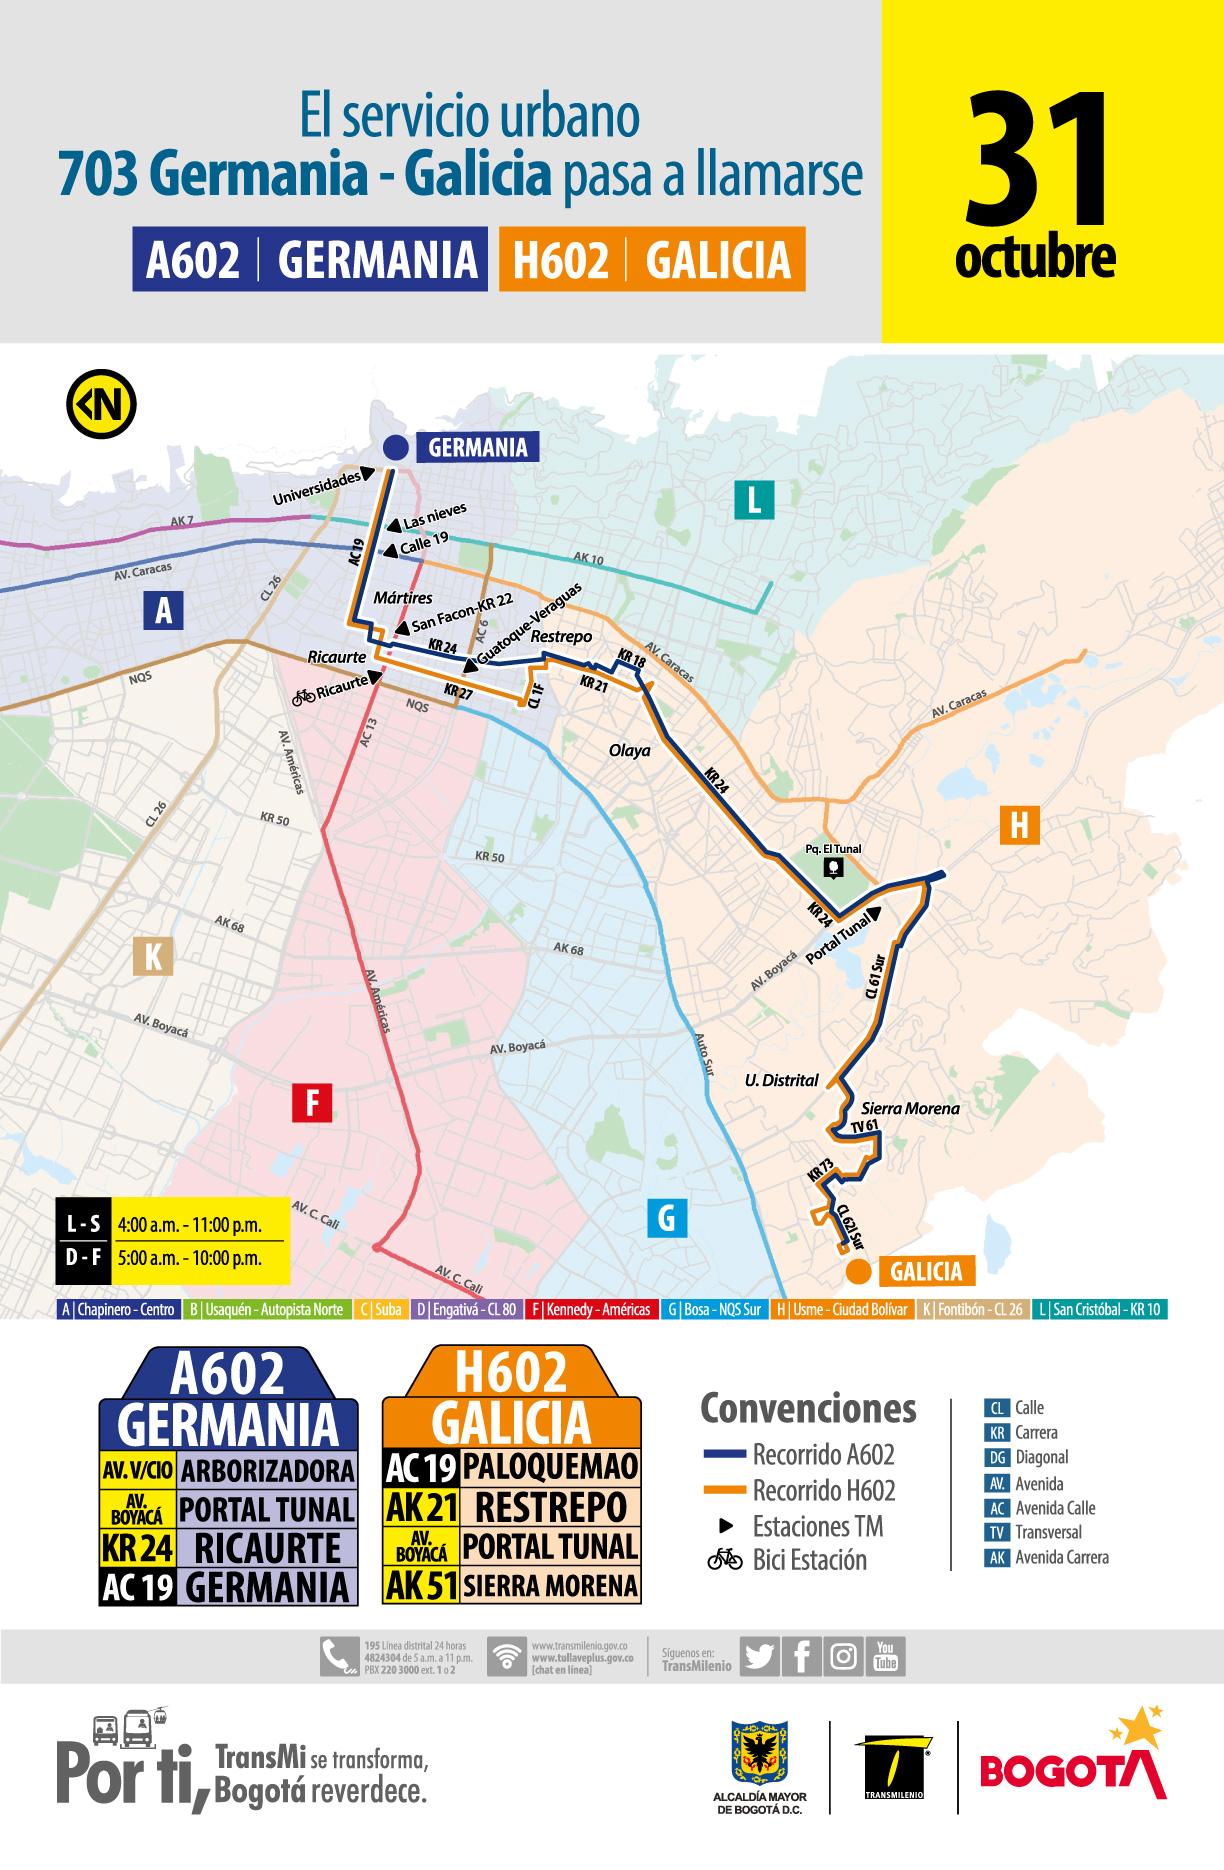 La ruta zonal 703 Germania - Galicia pasa a llamarse H602 A602 Germana- Galicia